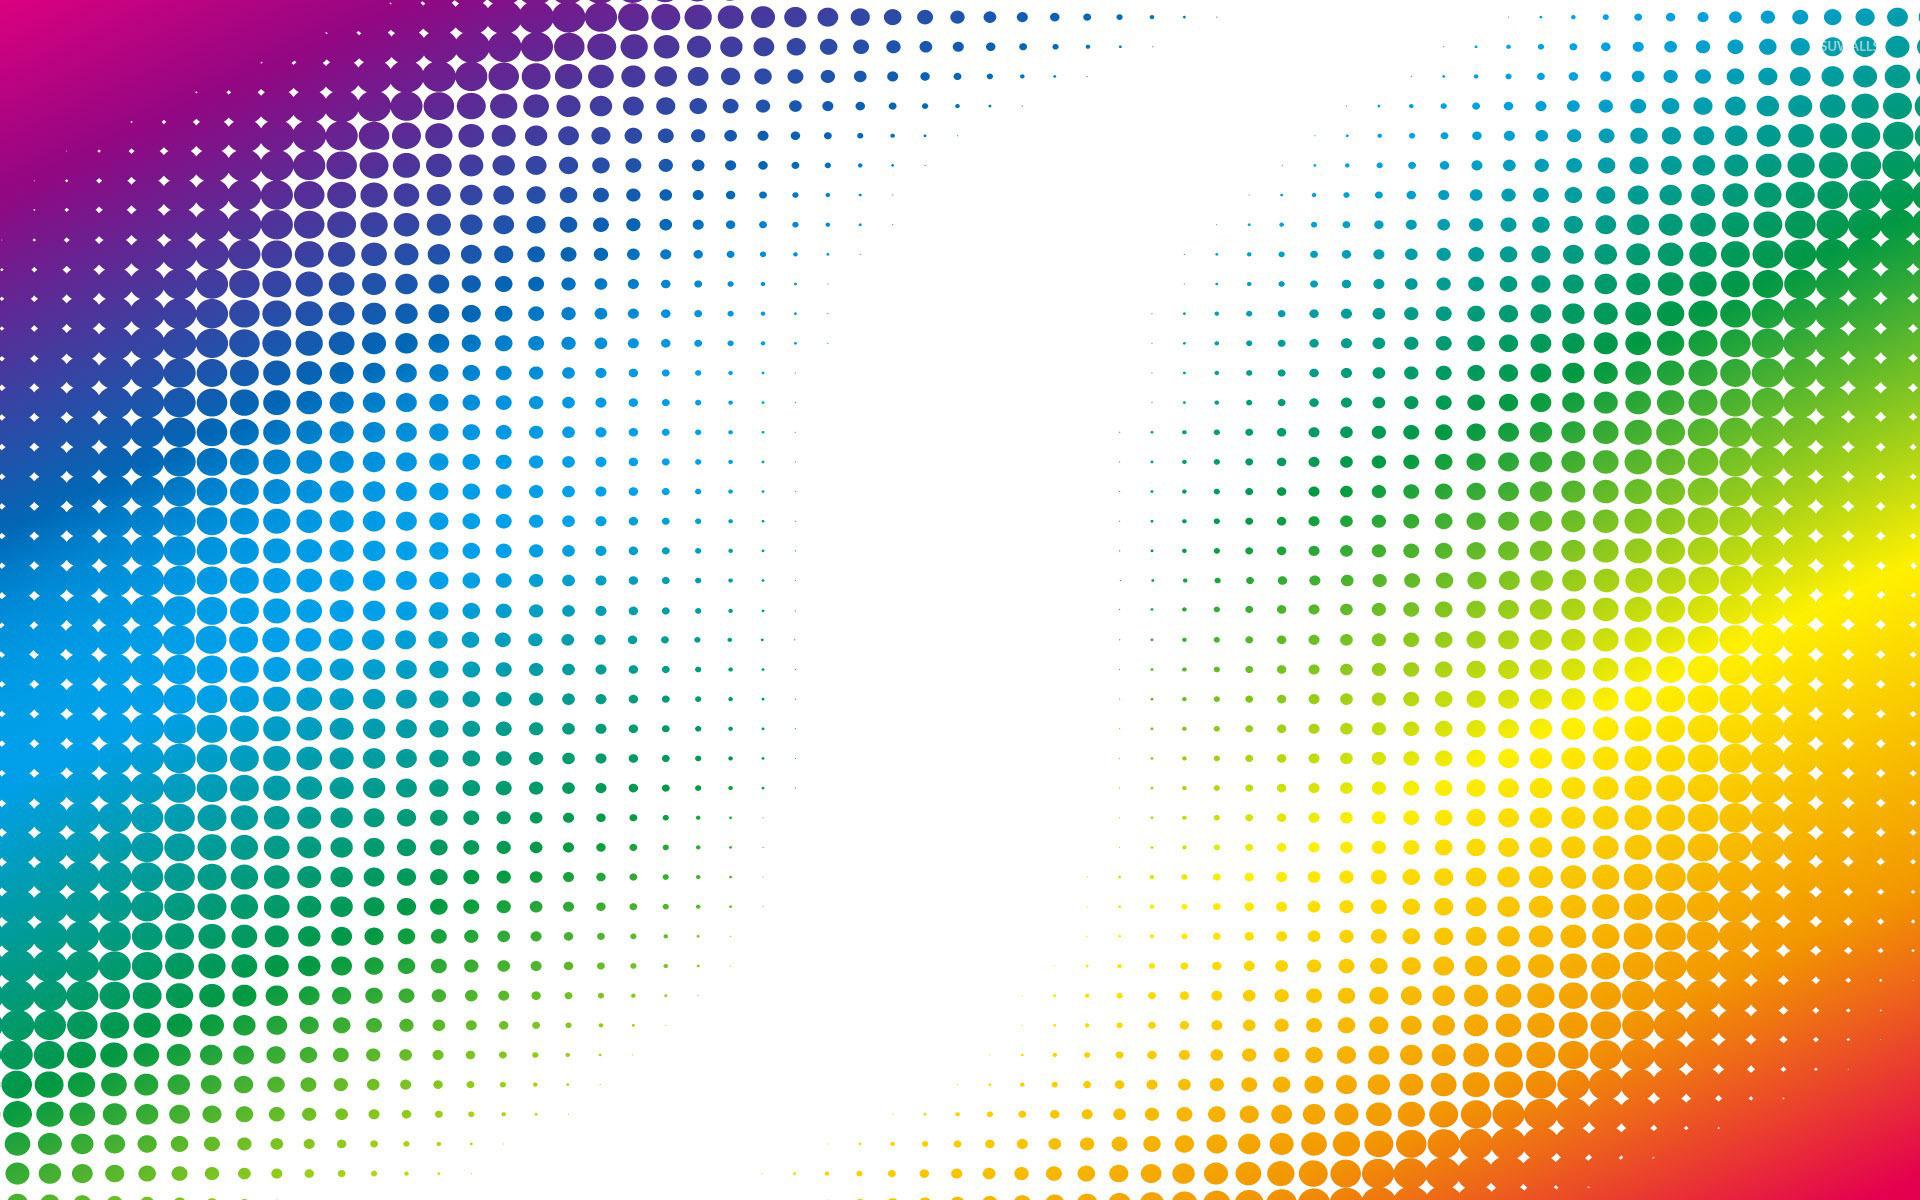 colorful bubbles desktop wallpaper